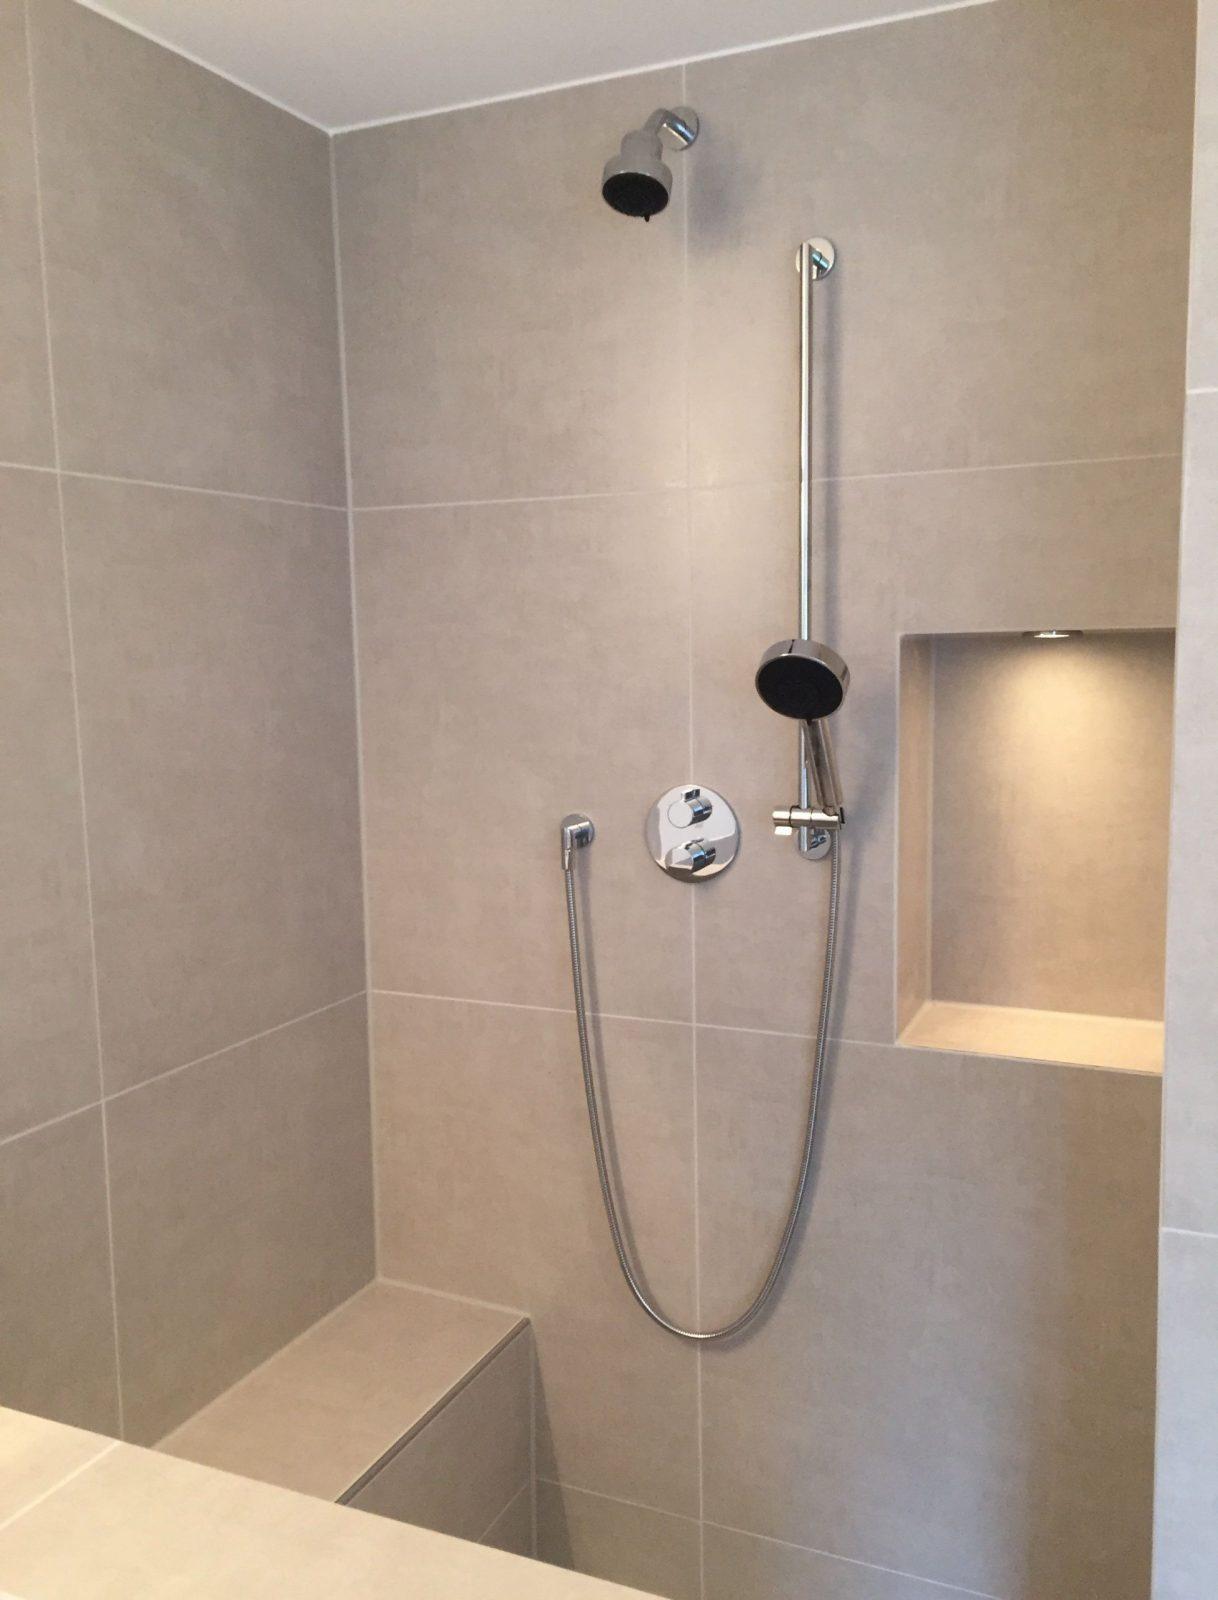 Walkindusche Mit Sitzbank Und Nische …  Bath In 2019… von Begehbare Dusche Mit Sitzbank Photo